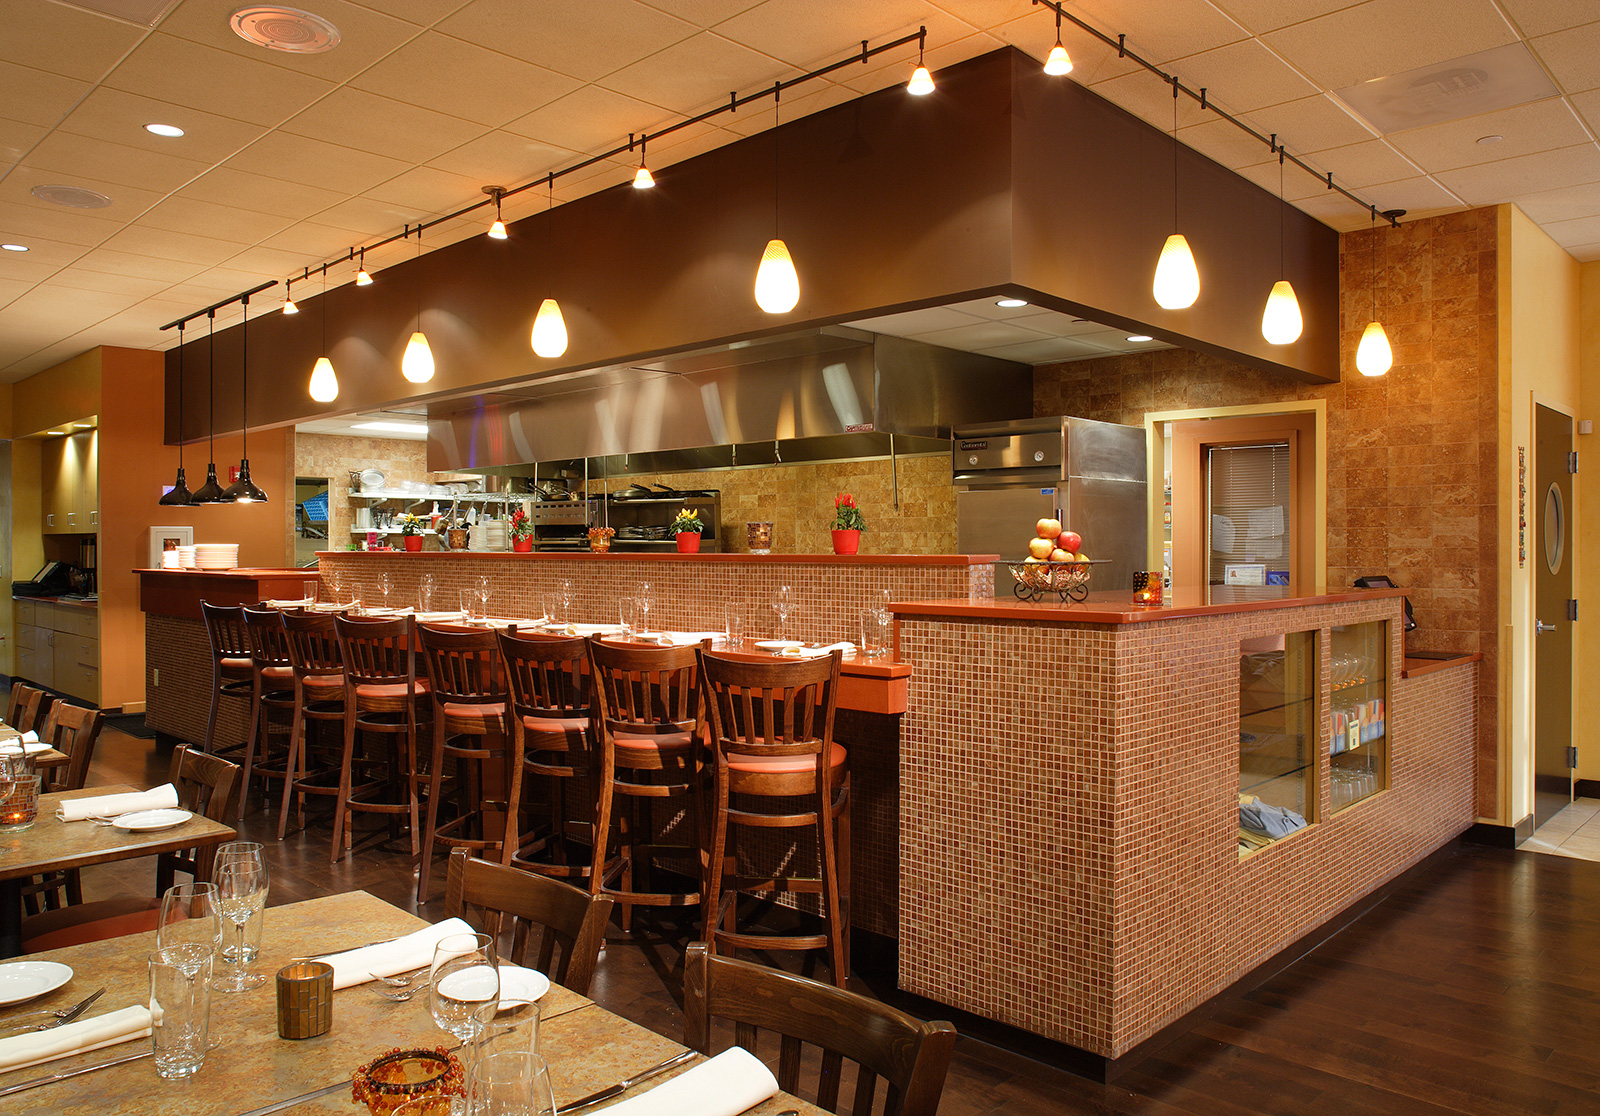 Seaviews Main Dining Room Restaurant  Galloway NJ